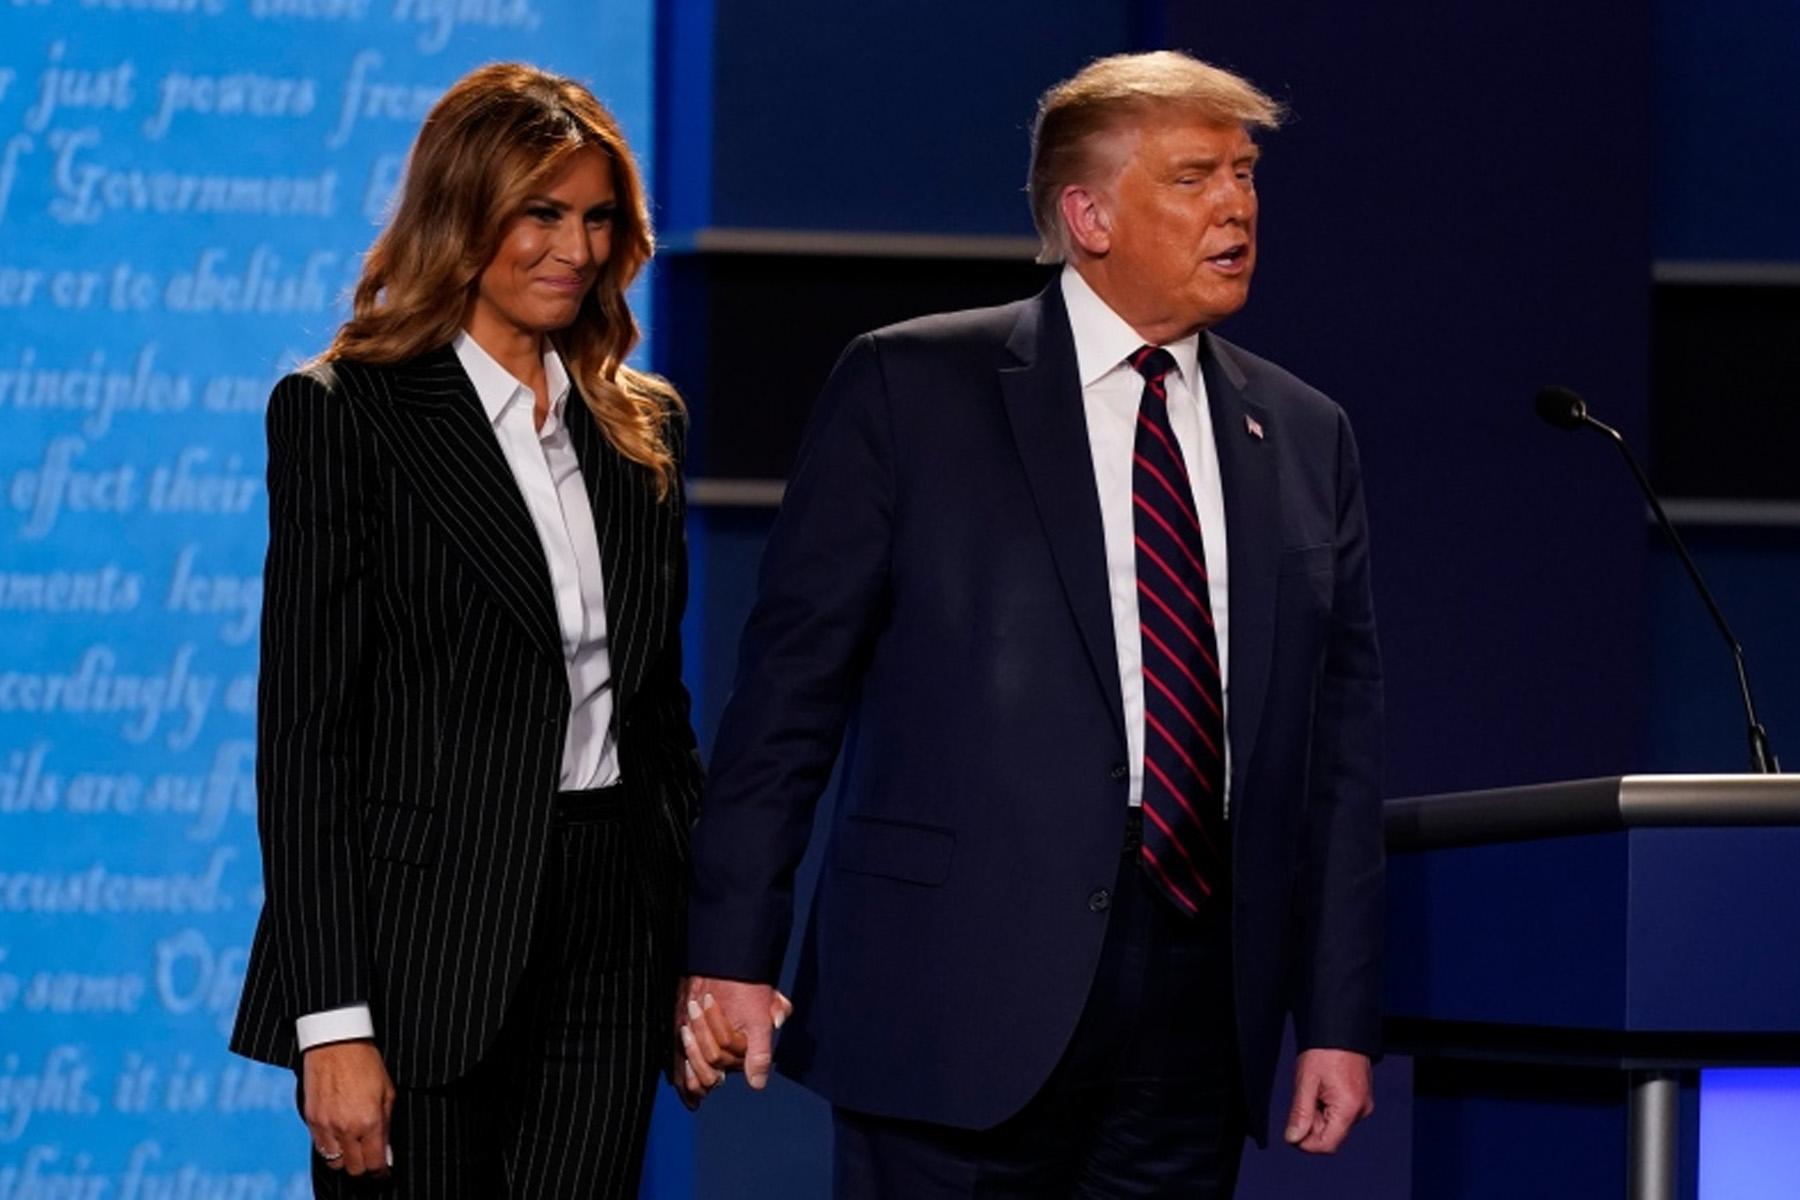 آزمایش کووید19 دونالد ترامپ و ملانیا ترامپ مثبت همراه با علائم خفیف اعلام شد